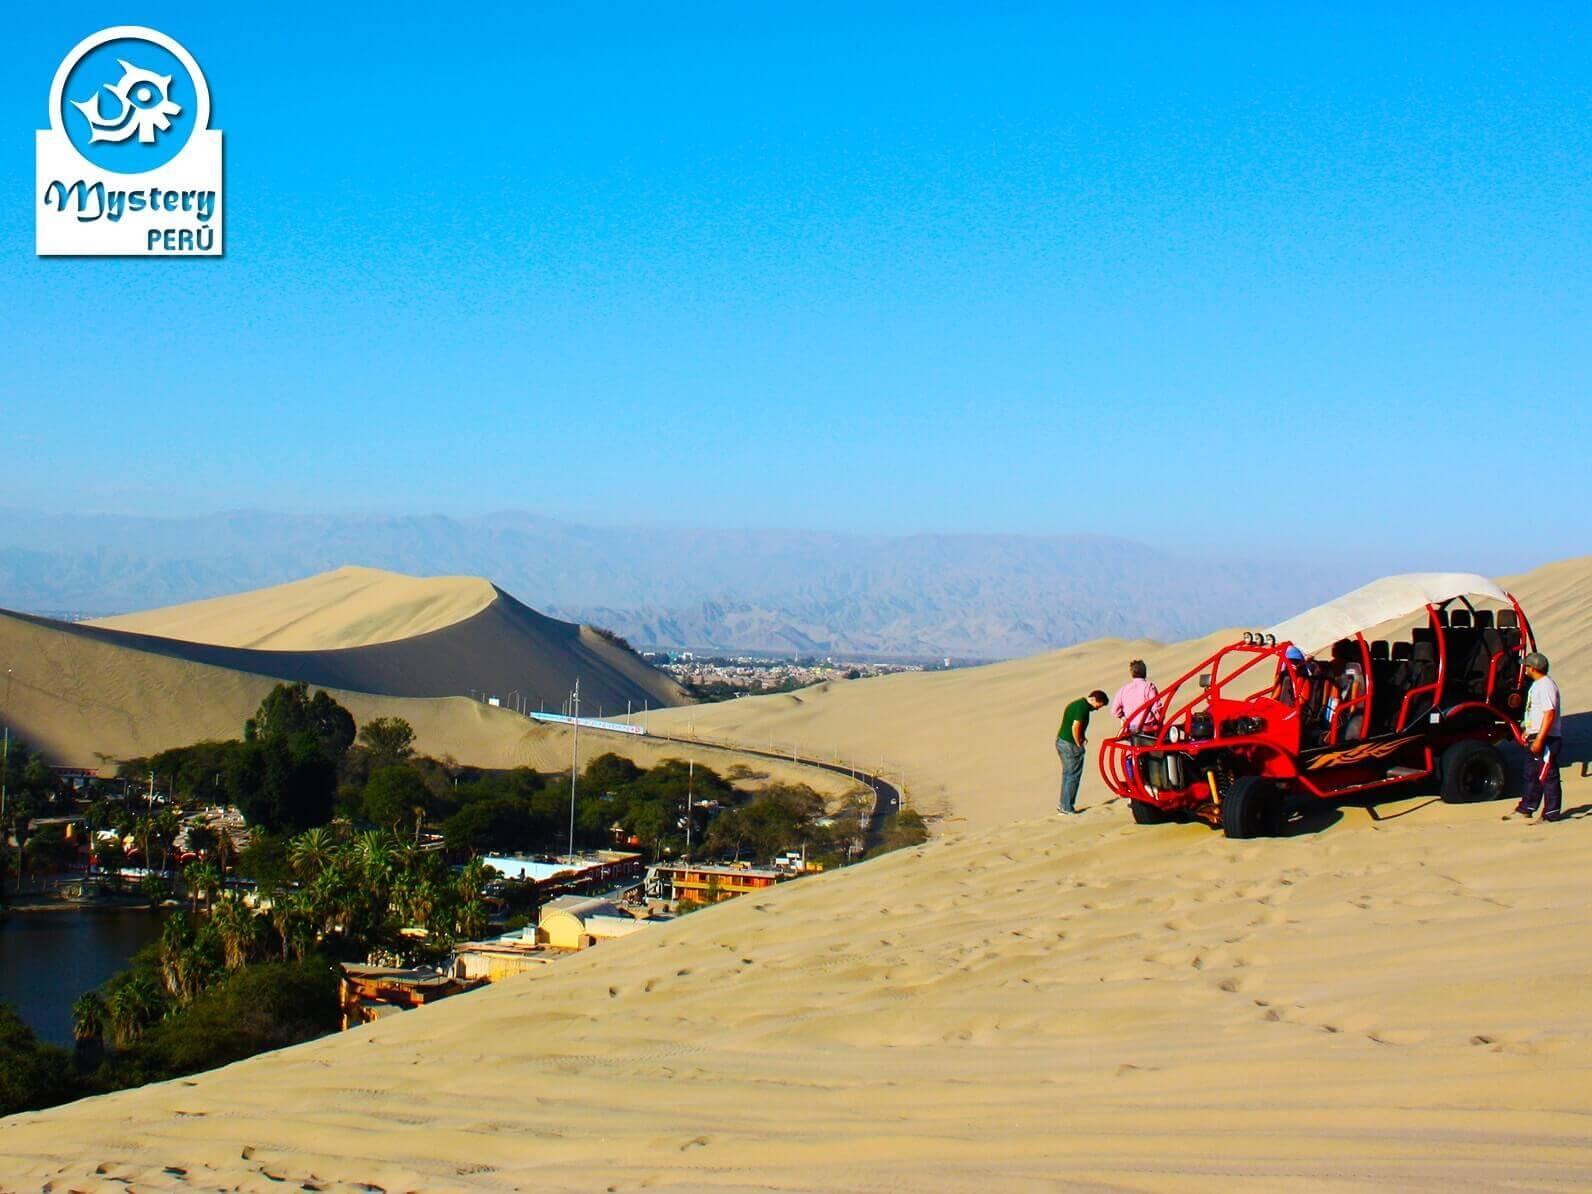 Excursão ao Oasis Huacachina de Lima